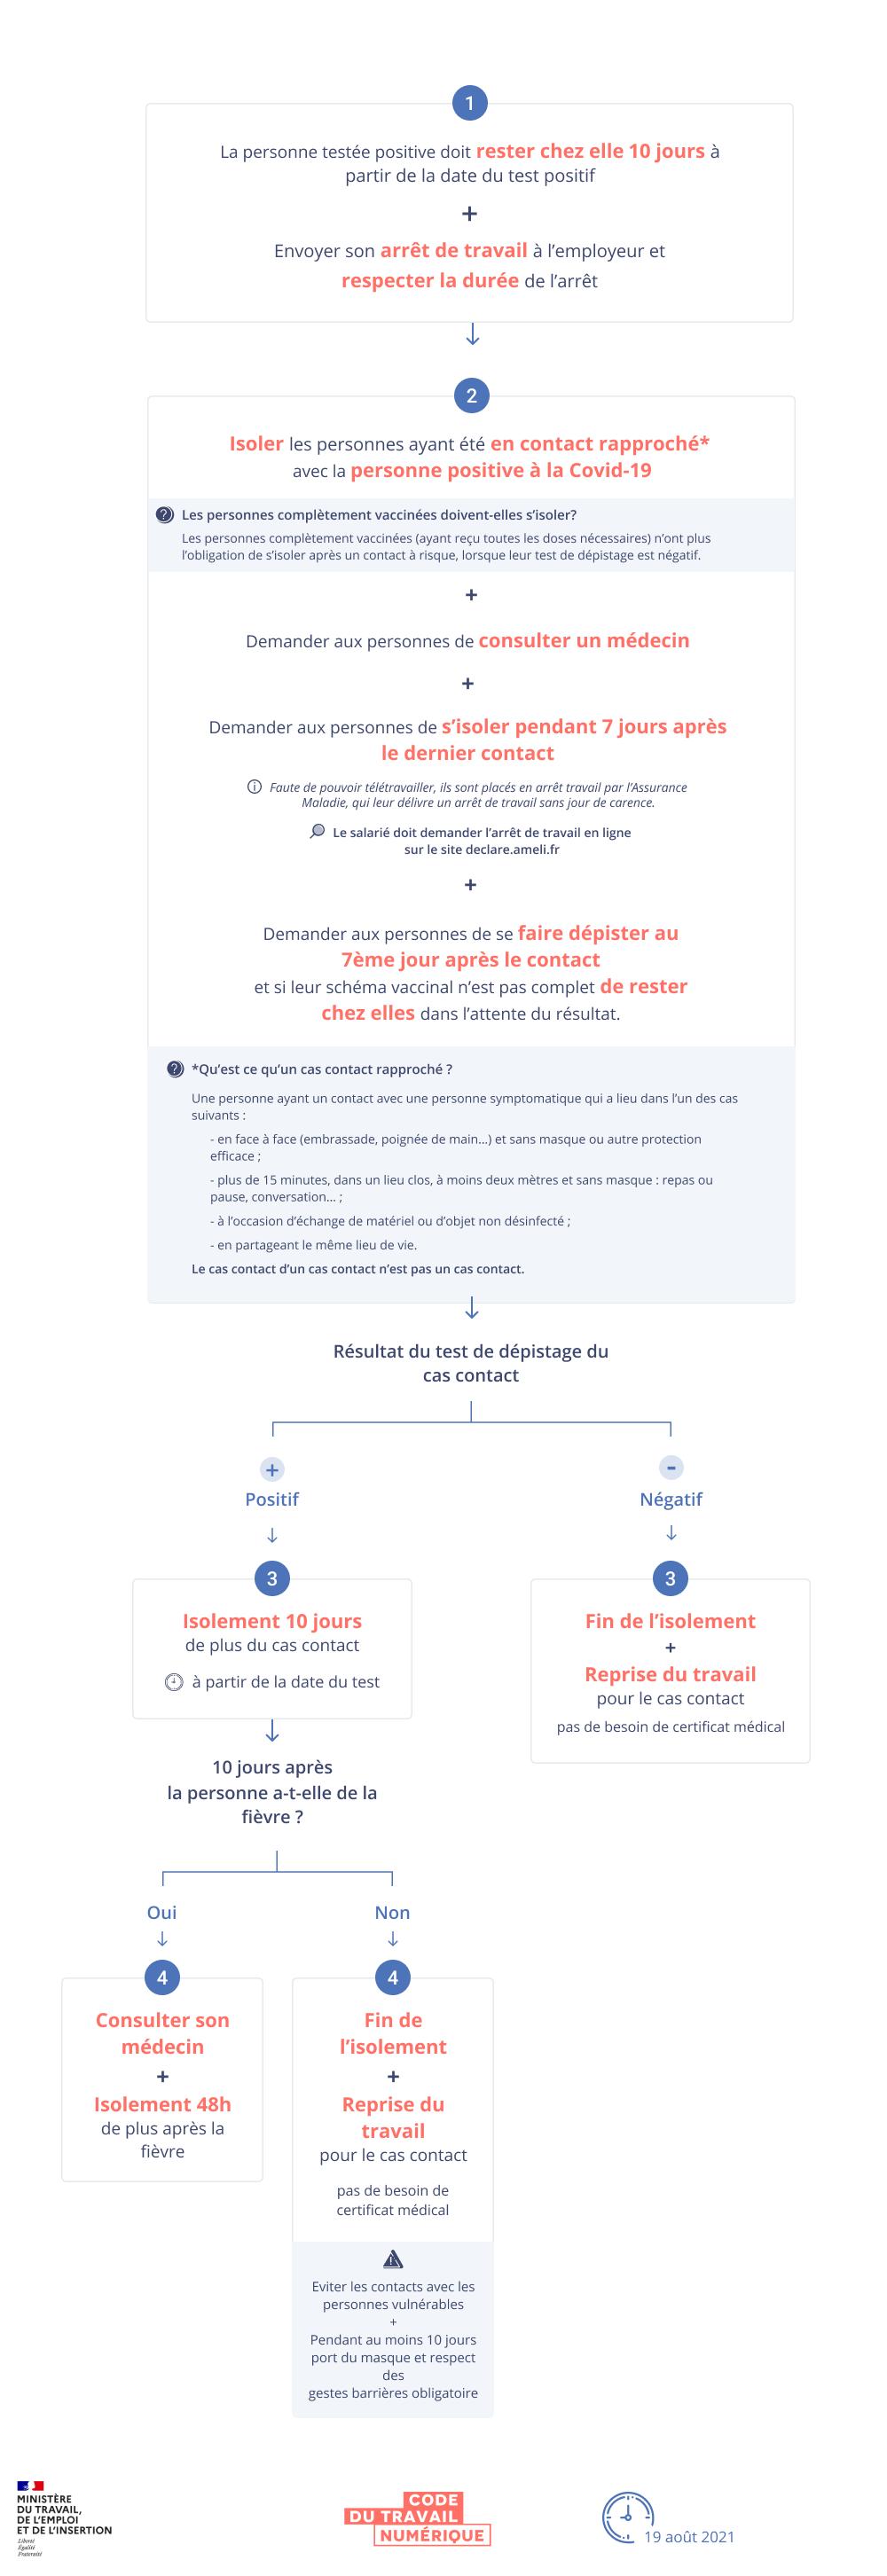 Infographie schématisant la procédure à suivre en cas de cas positif dans l'entreprise. Une version textuelle est disponible en dessous.